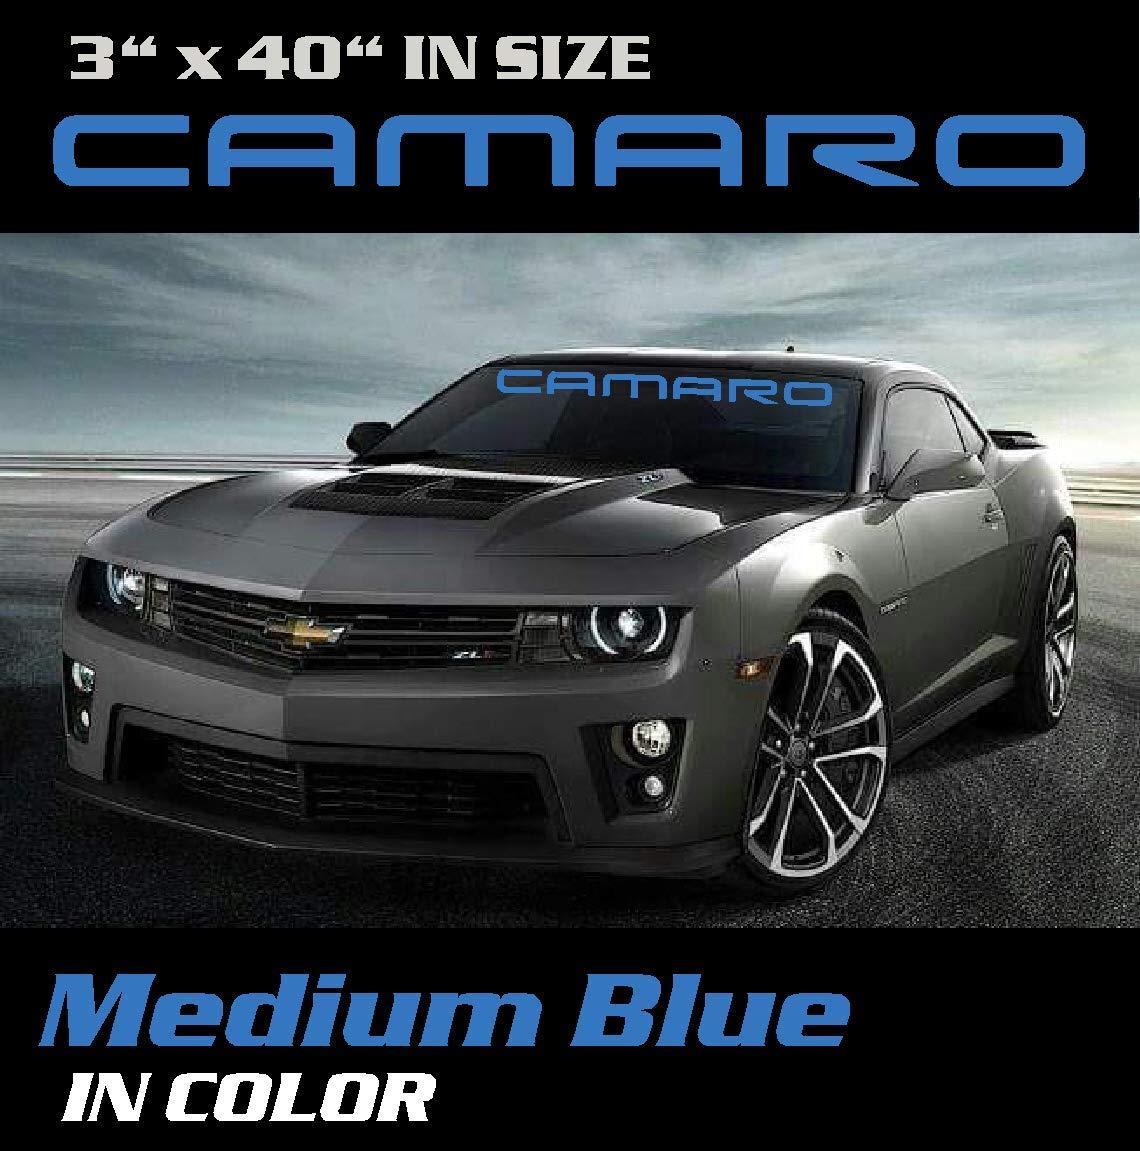 Decal Sticker Emblem 3 inch by 40 inch Medium Blue Camaro Windshield Banner Graphic